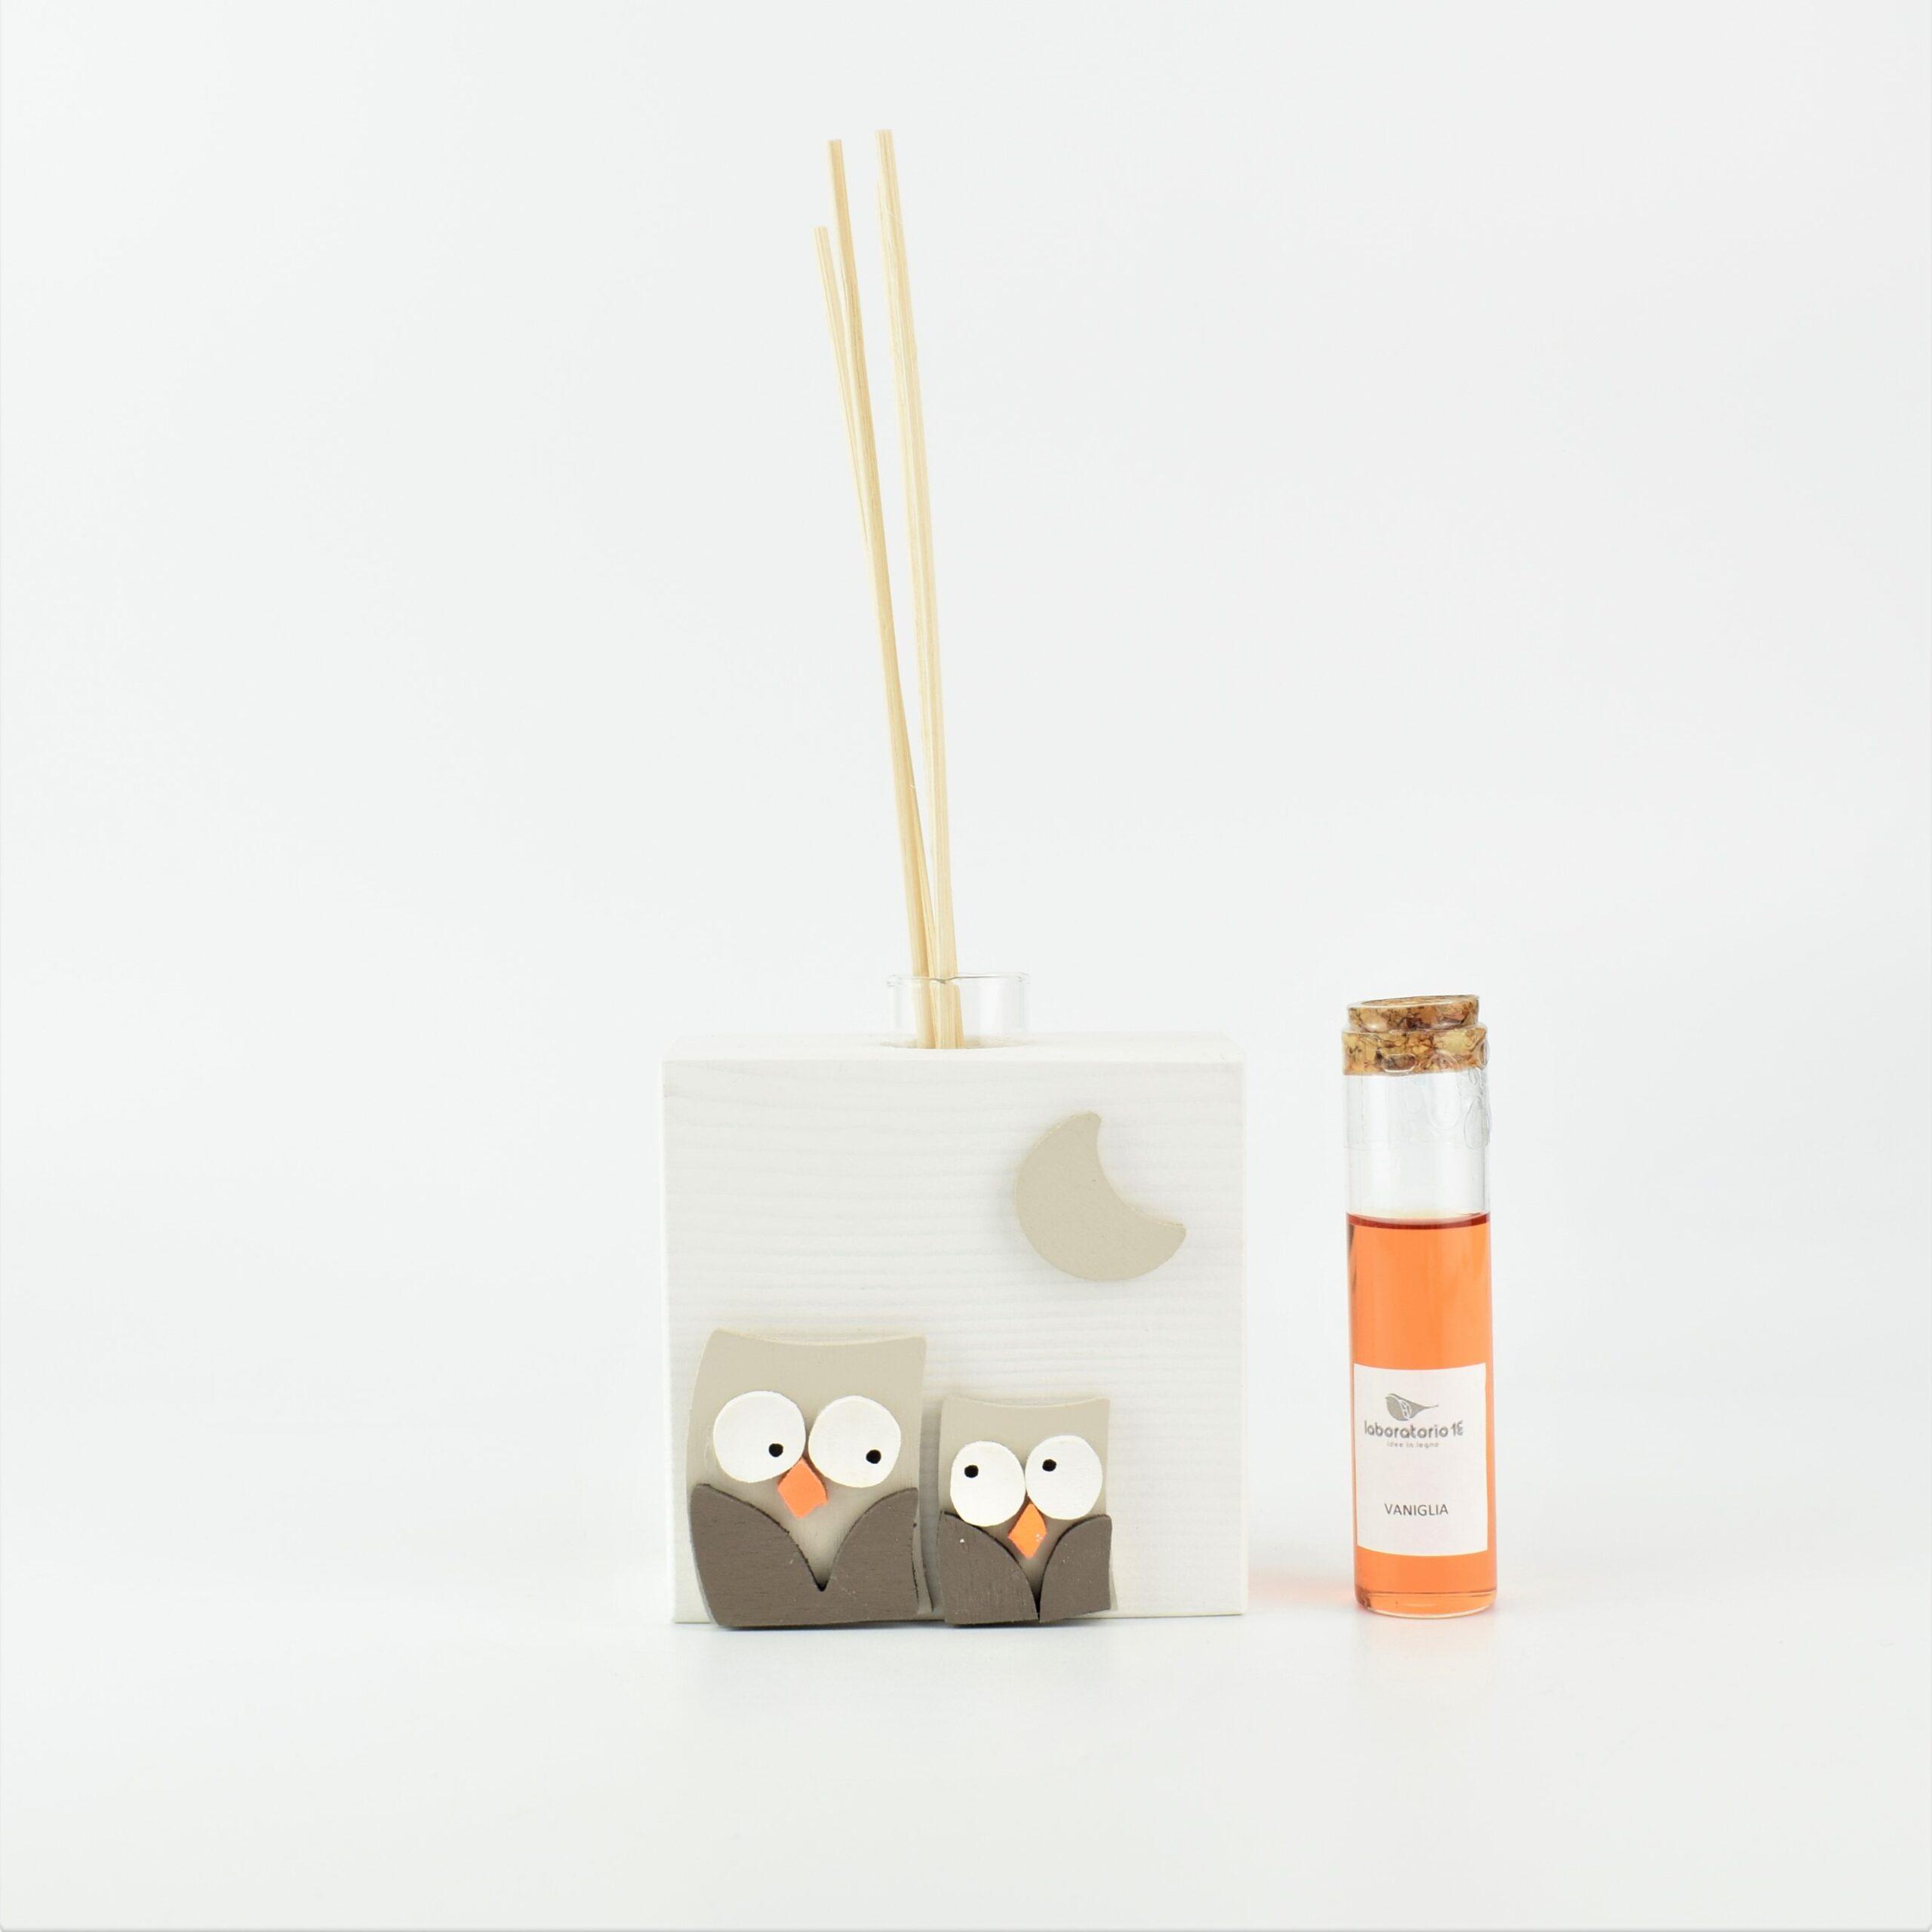 profumatori per ambiente con gufi